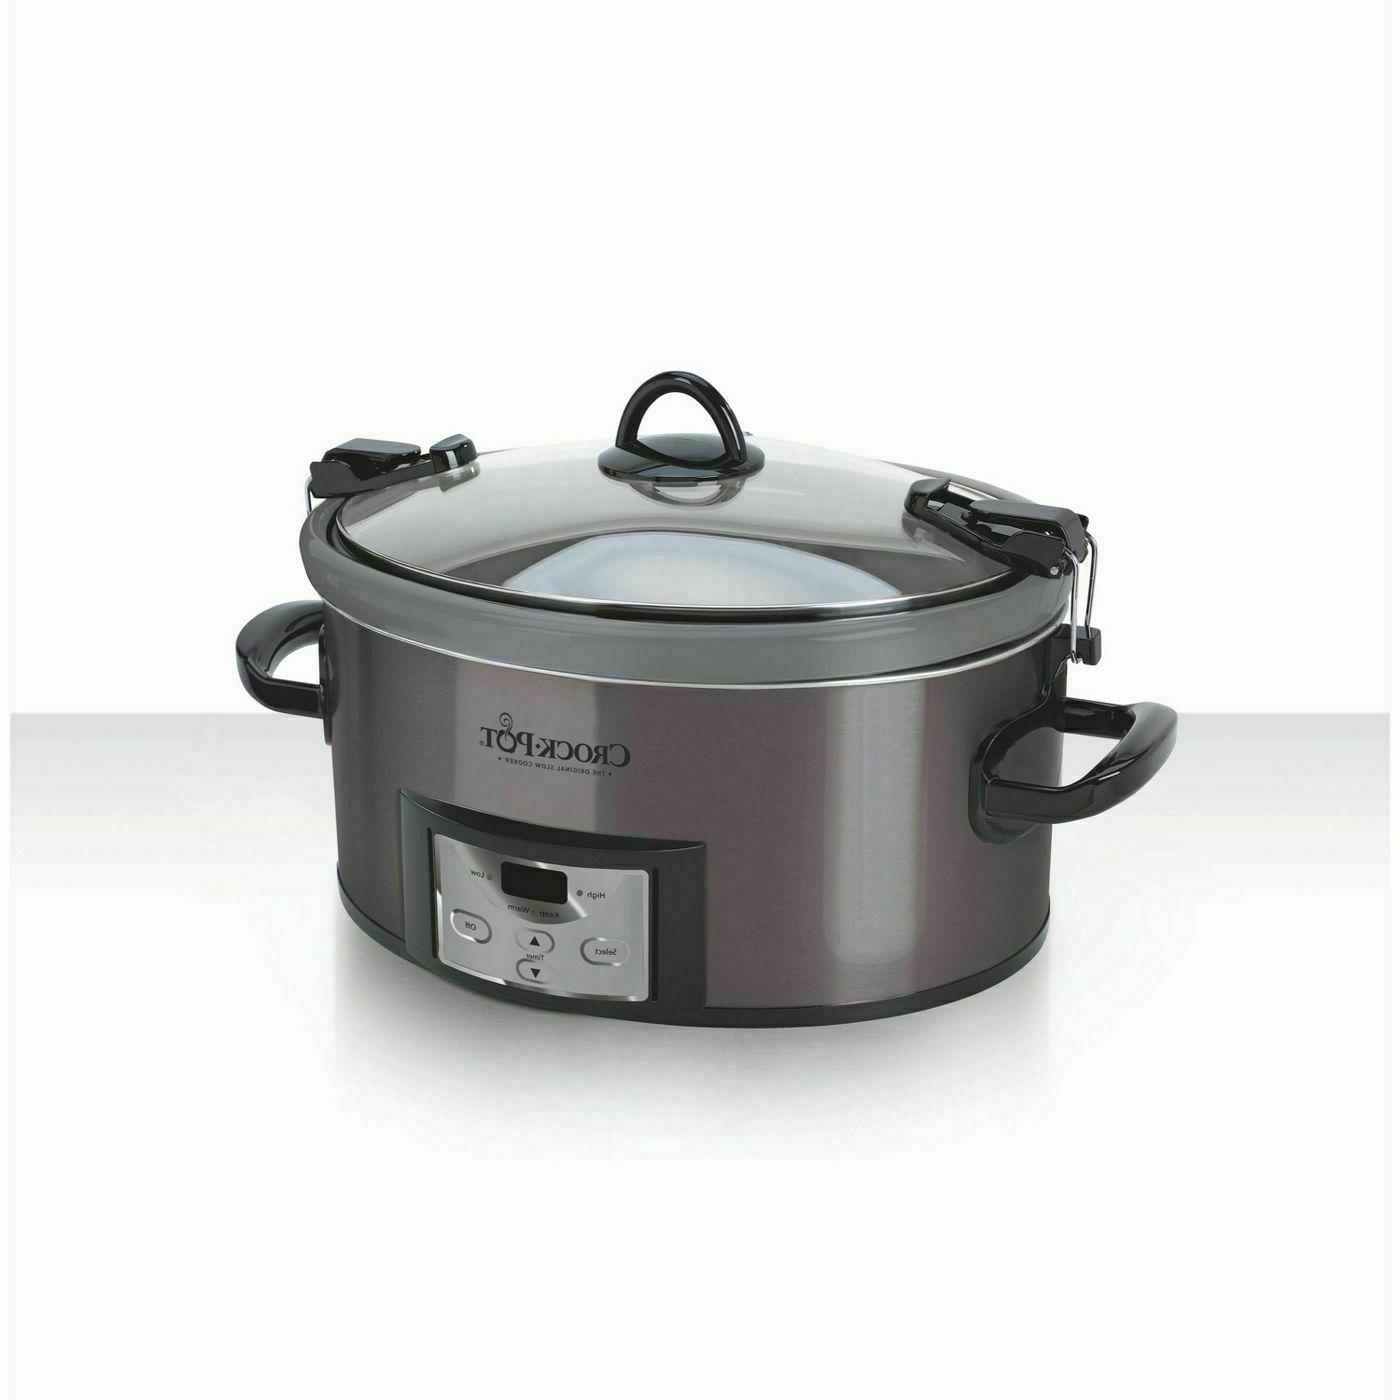 Crock Pot 7qt Cook & Carry Programmable Slow Cooker - Black